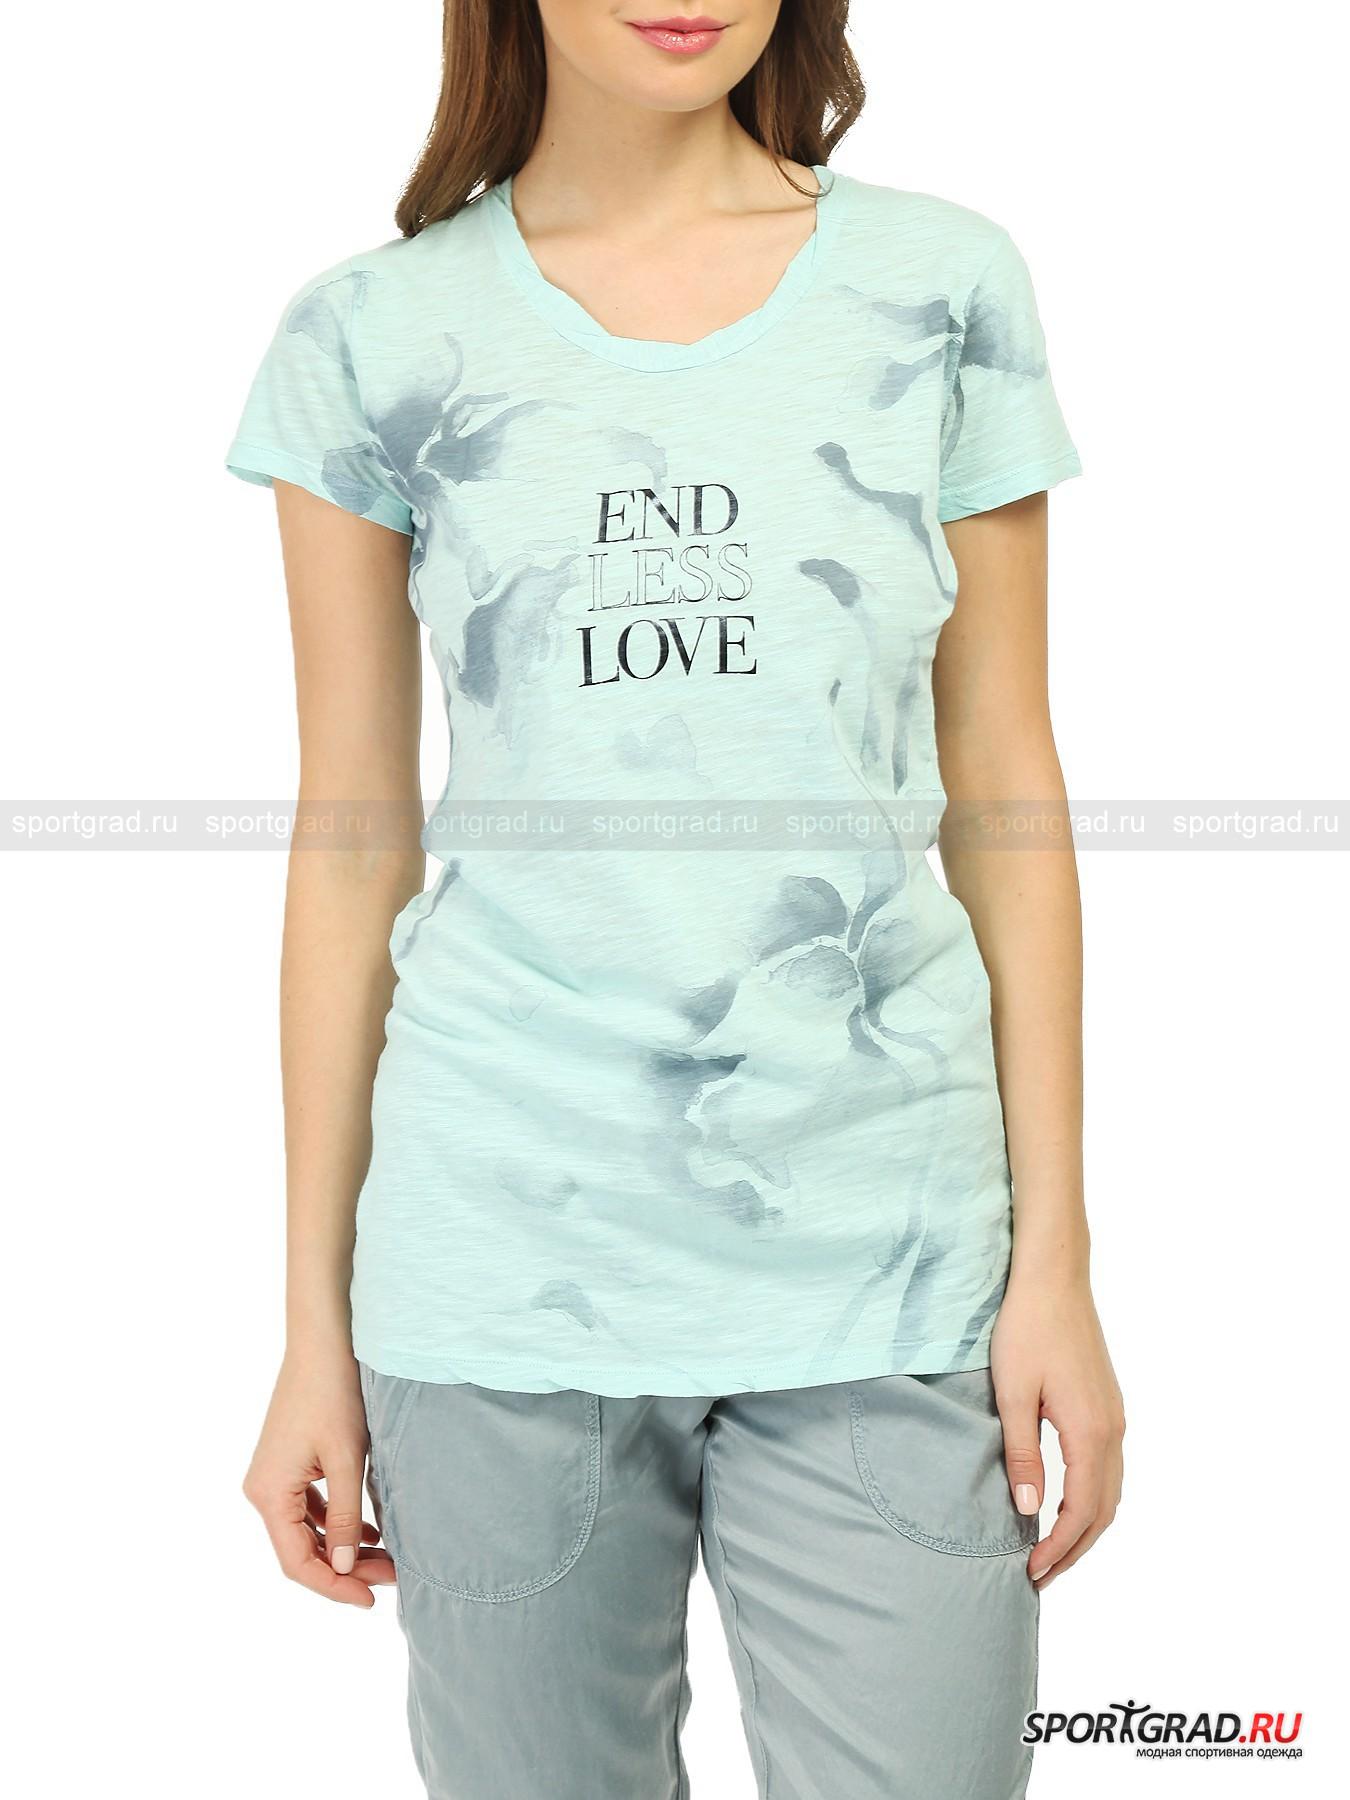 Футболка женская T-shirt DEHAФутболки<br>Легкая воздушная футболка T-shirt Deha изготовлена из нежнейшего хлопкового материала, который был подвергнут обработке по особой технологии, что придало ему интересную неоднородную, будто бы потертую структуру и фантастическую мягкость. В такой футболке вы точно не будете испытывать ни малейшего дискомфорта. <br><br>Внешний вид здесь также на высоте:  приятный цвет, акварельный принт и надпись на груди делают футболку отличным приобретением для летнего гардероба. Она имеет прямой крой и садится довольно свободно, что позволяет подчеркнуть достоинства и скрыть недостатки.<br><br>Пол: Женский<br>Возраст: Взрослый<br>Тип: Футболки<br>Рекомендации по уходу: стирка в теплой воде до 30 С; не отбеливать; гладить слегка нагретым утюгом (температура до 110 C); химическая чистка сухим способом; нельзя выжимать и сушить в стиральной машине<br>Состав: 100% хлопок